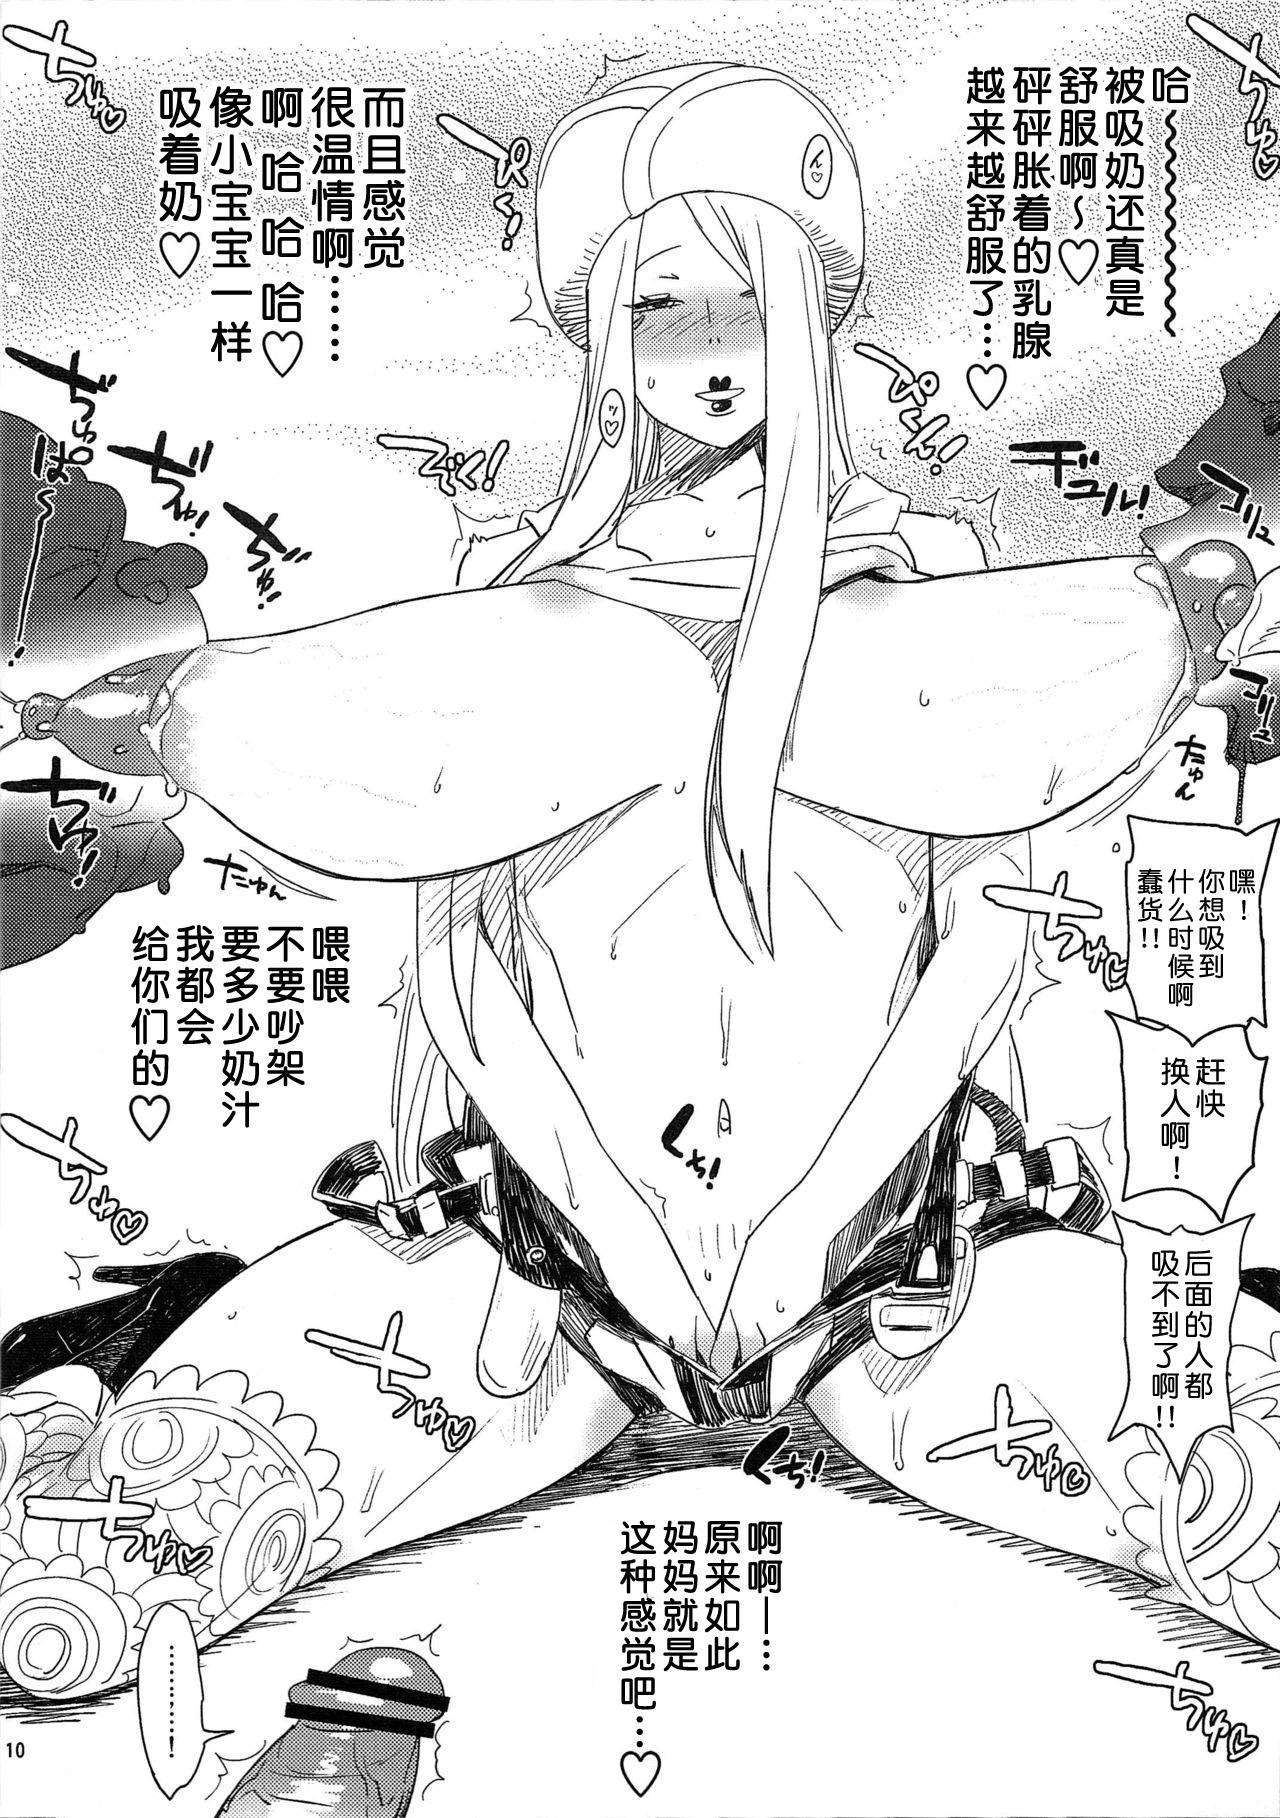 Abura Shoukami Tsukane No.05 140000000 9